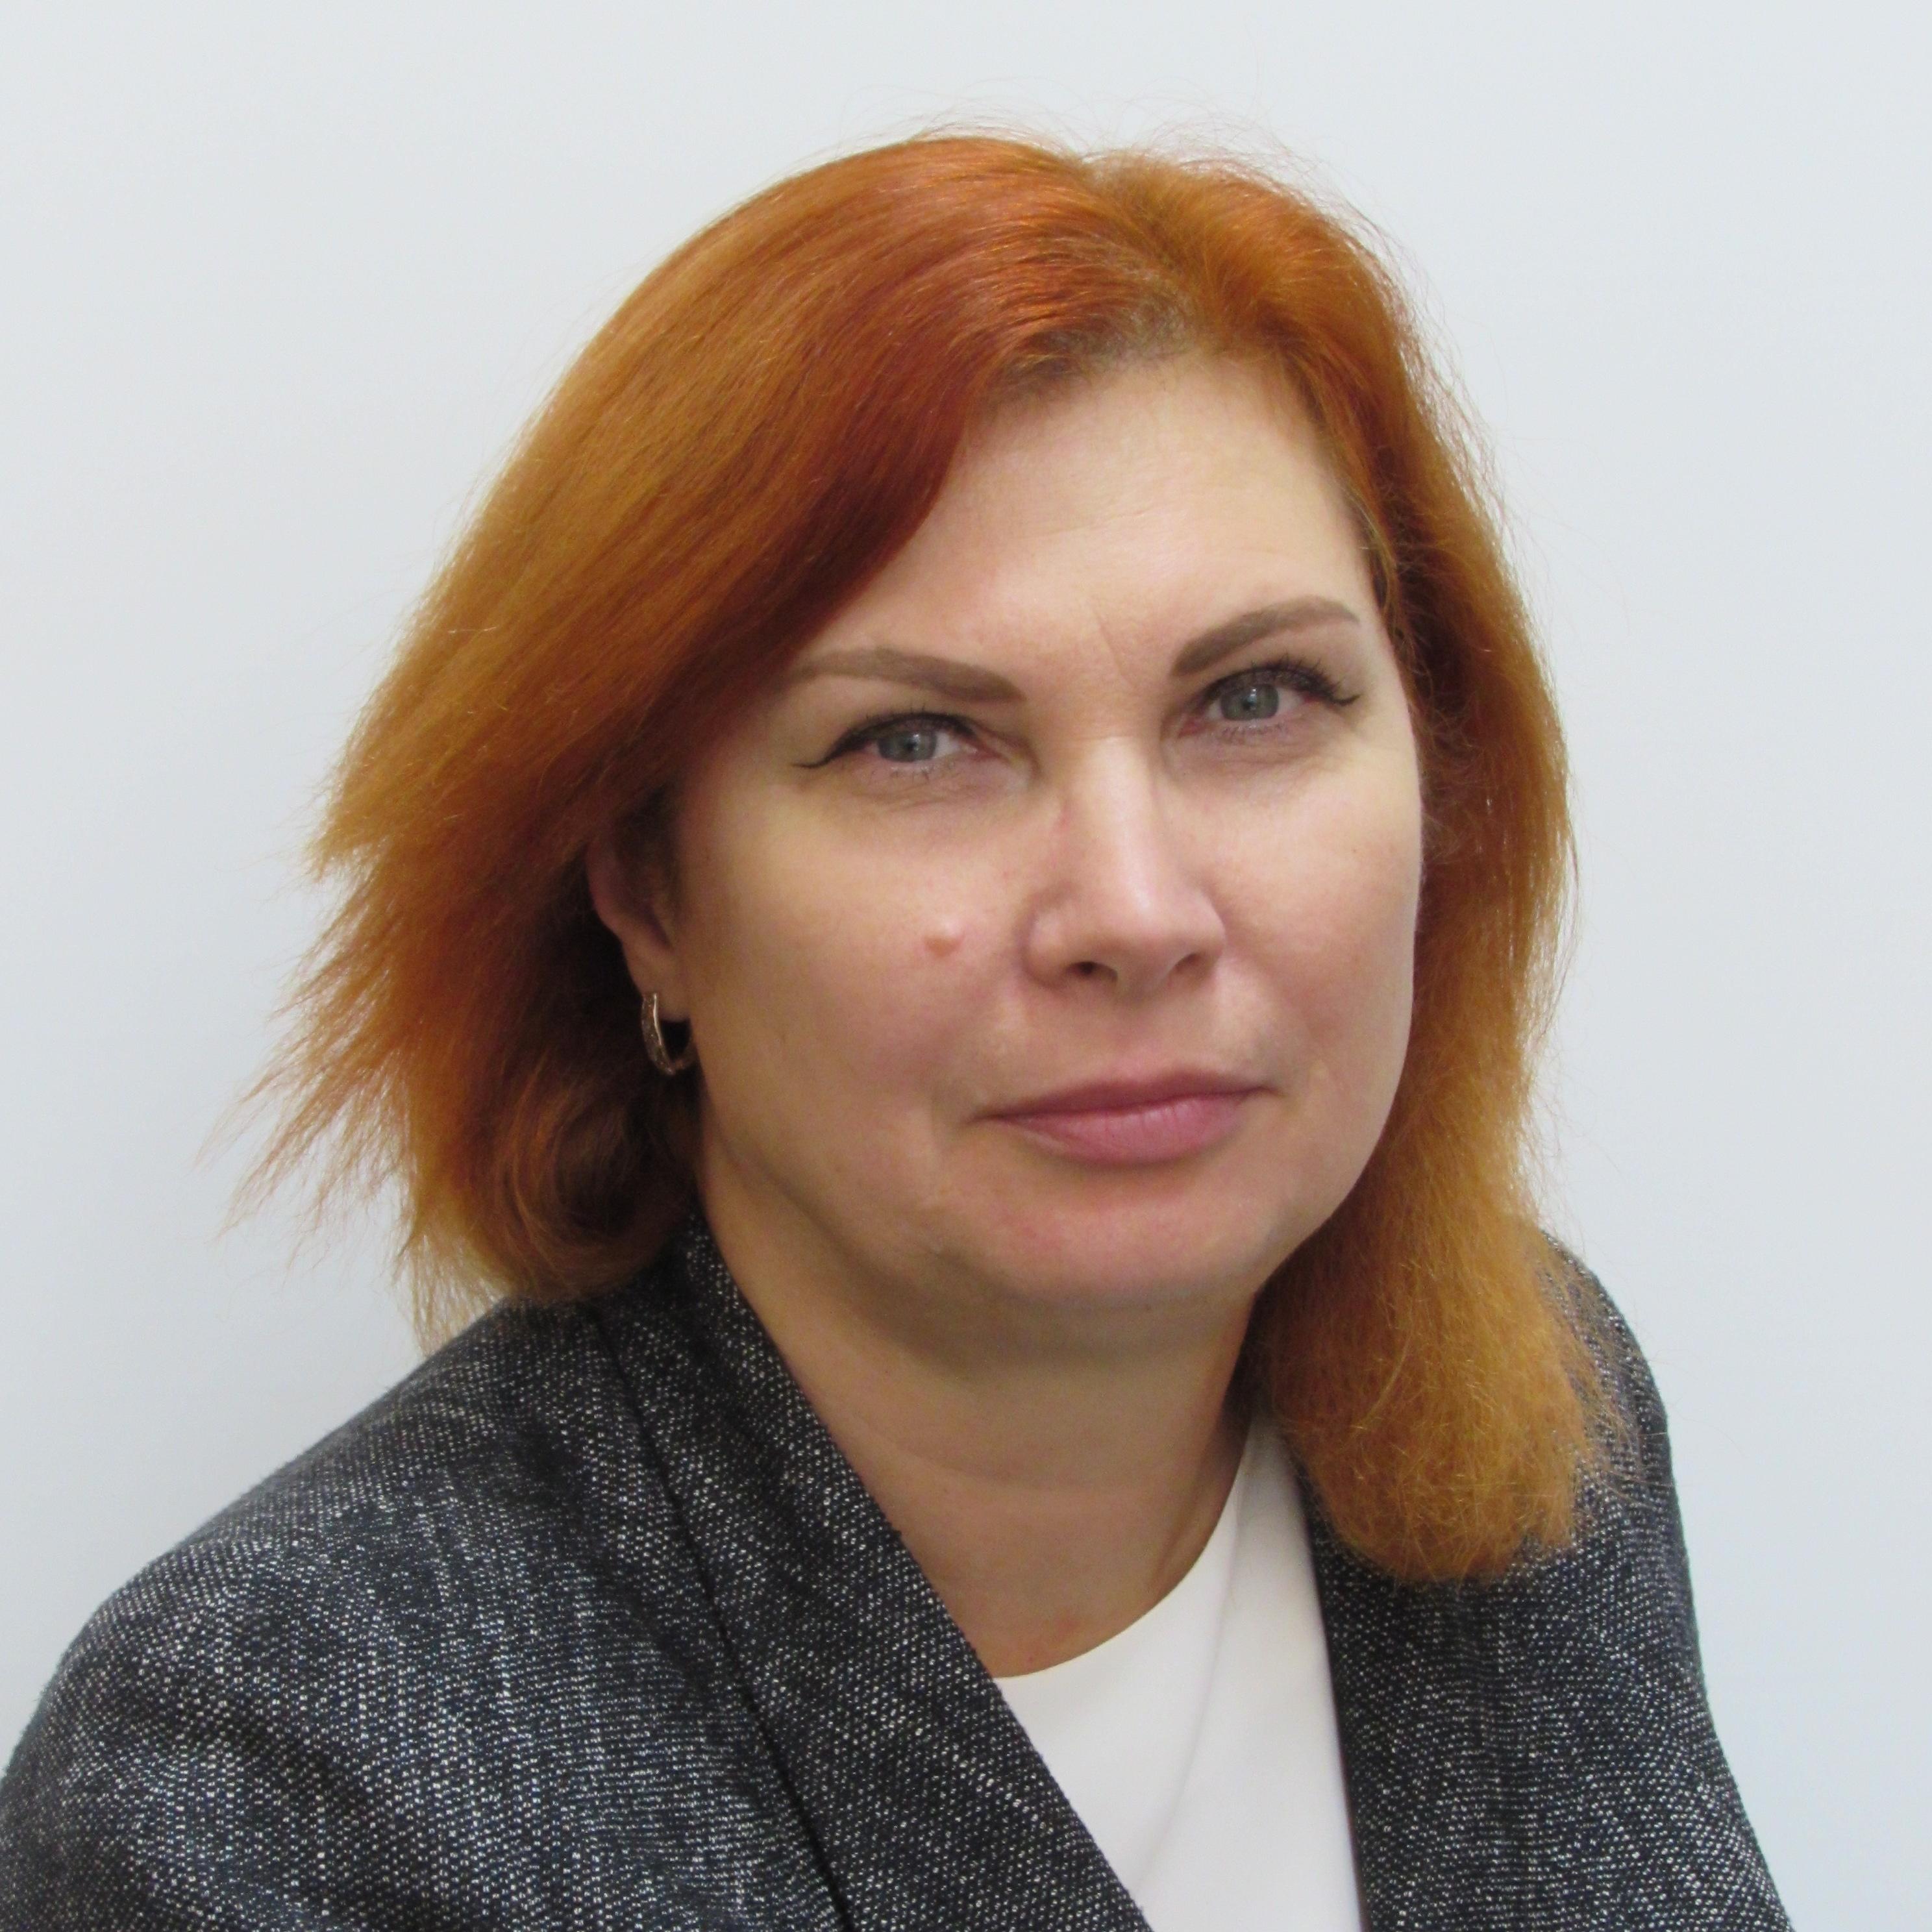 Лопаткина Наталья Витальевна